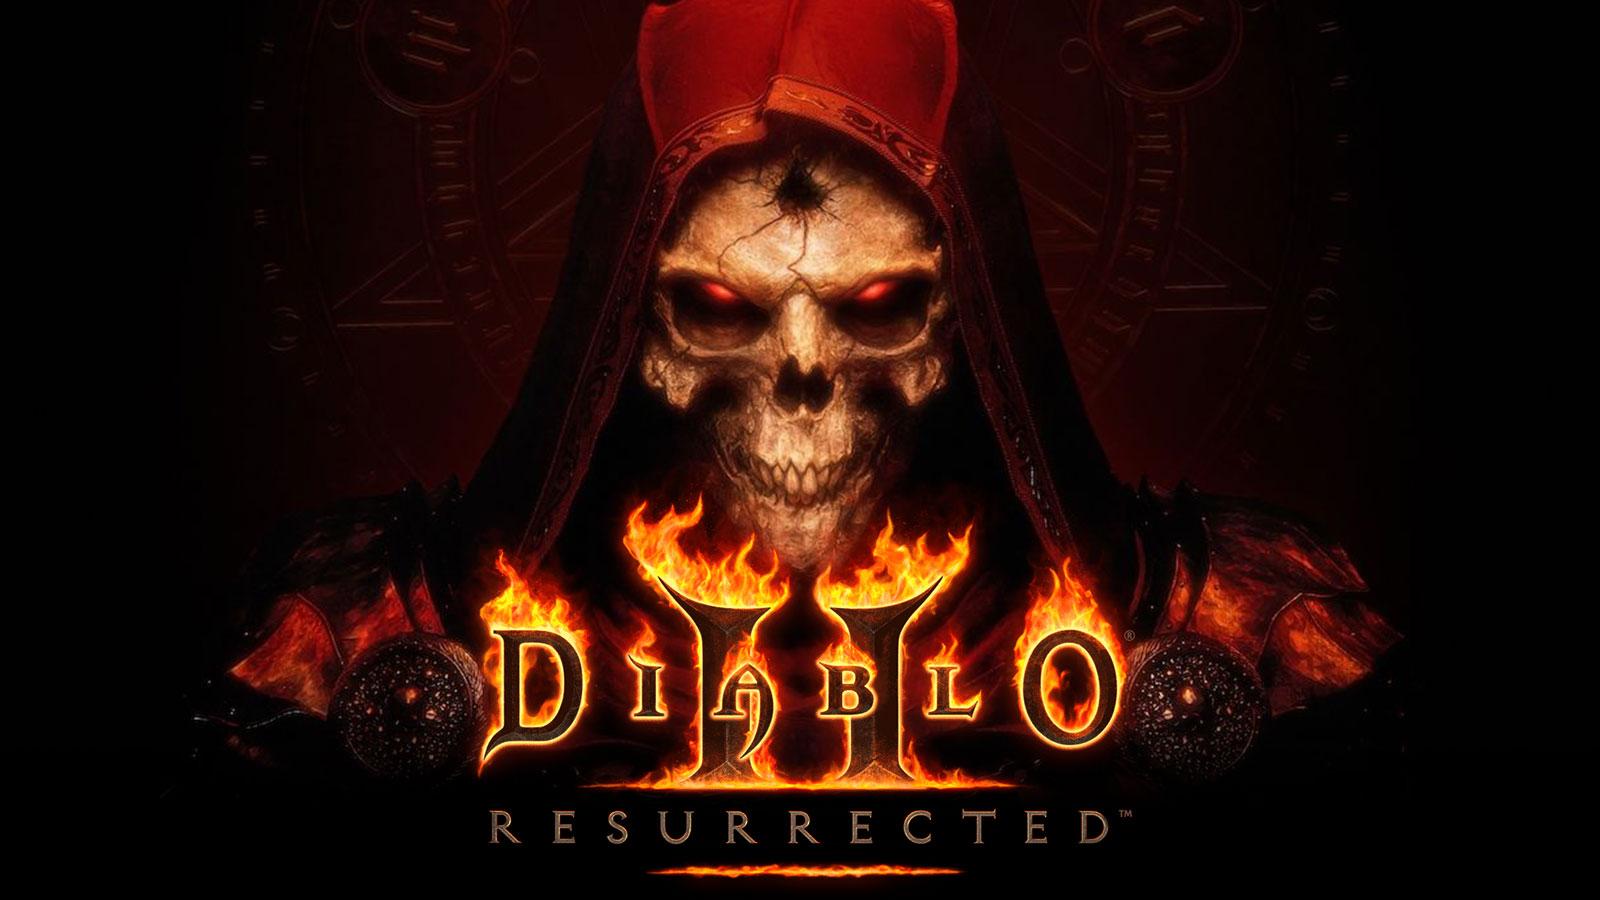 Les développeurs de Diablo 2 Resurrected parlent du jeu